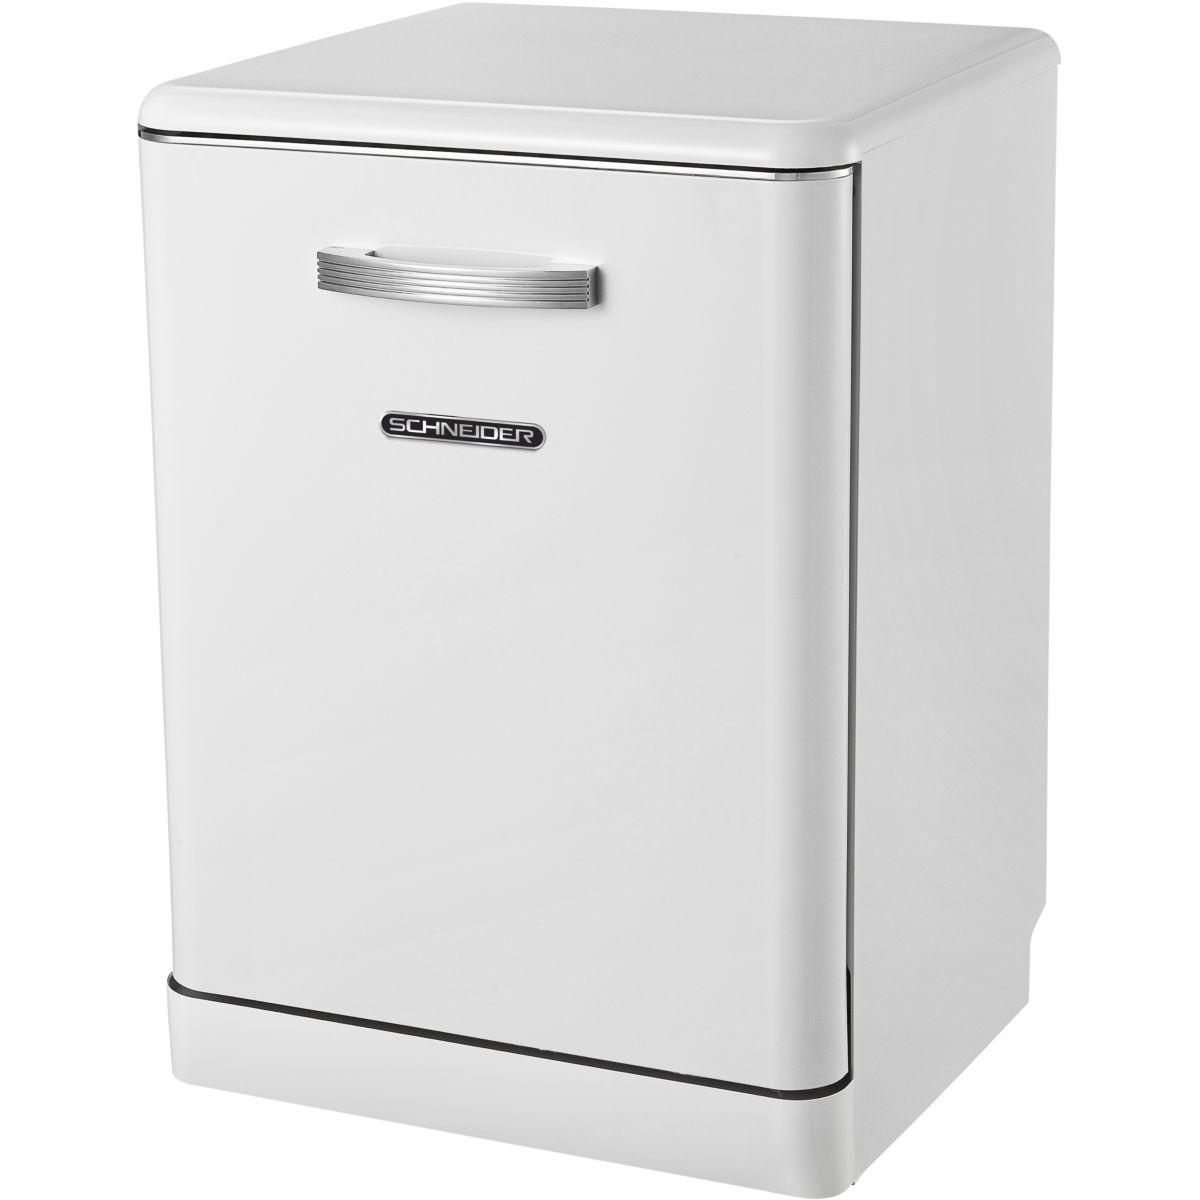 Lave-vaisselle 60cm SCHNEIDER SDW1444VW Vintage Blan (photo)